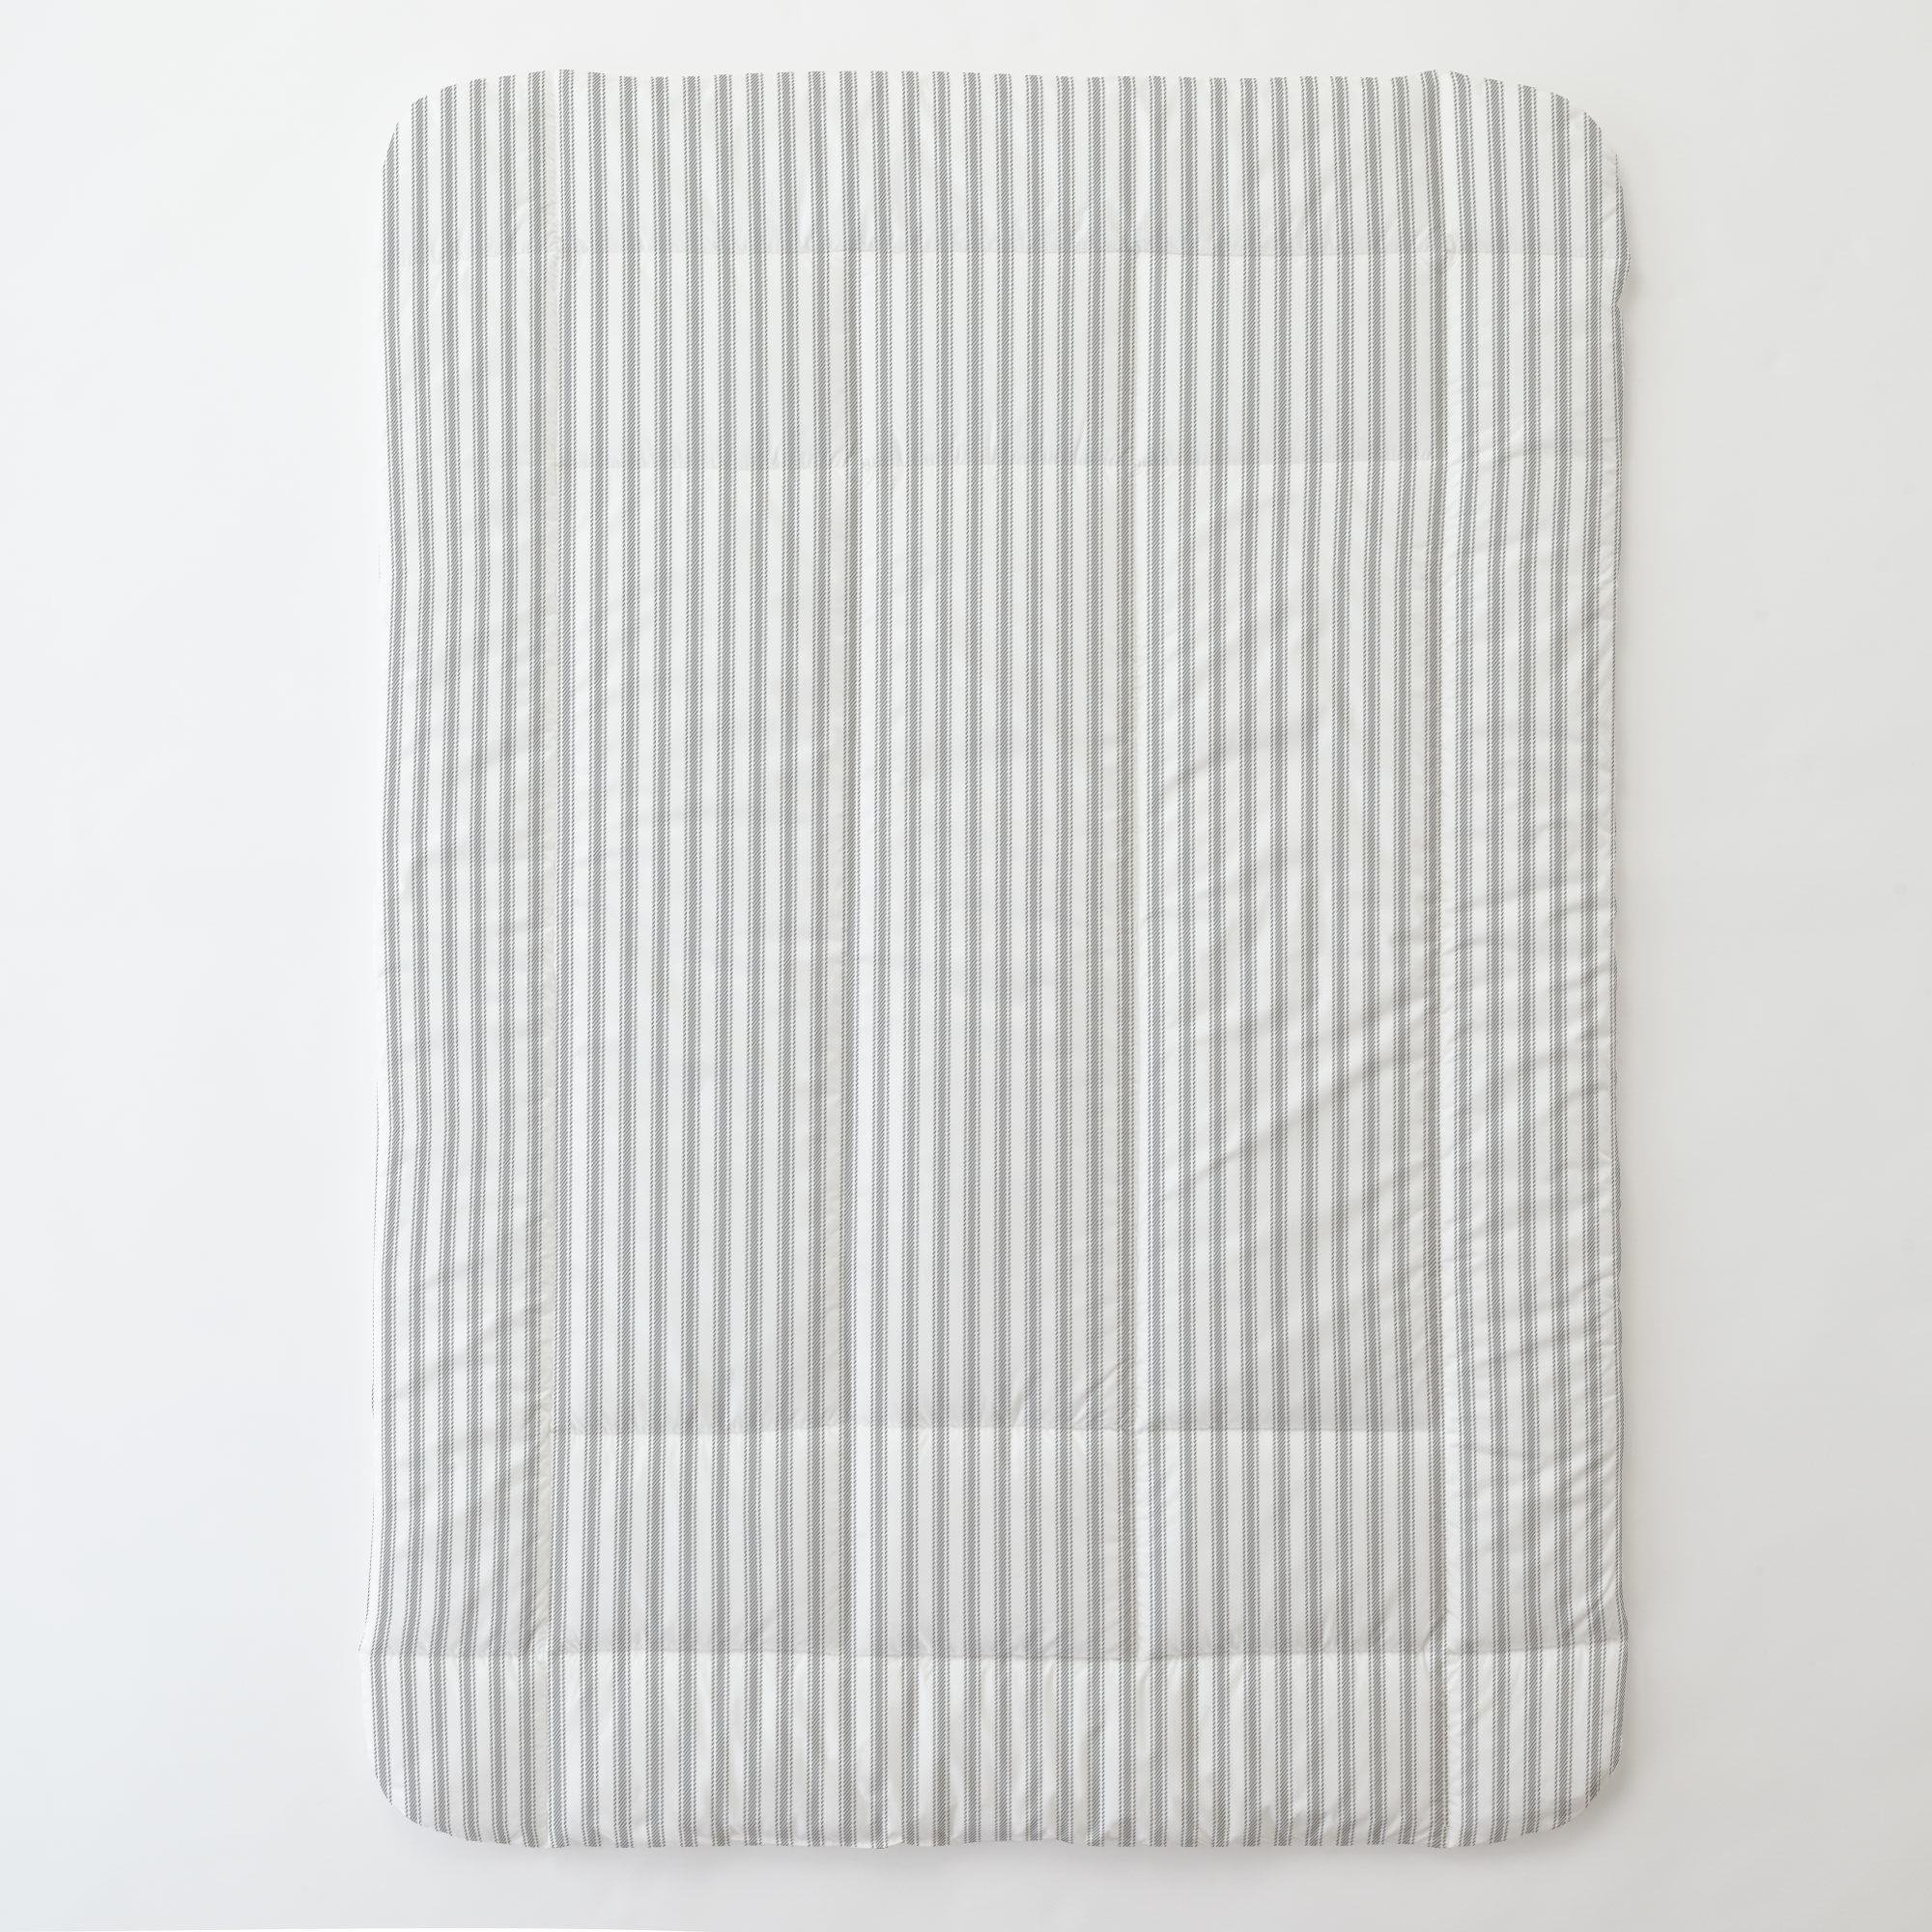 Carousel Designs Cloud Gray Ticking Stripe Toddler Bed Comforter